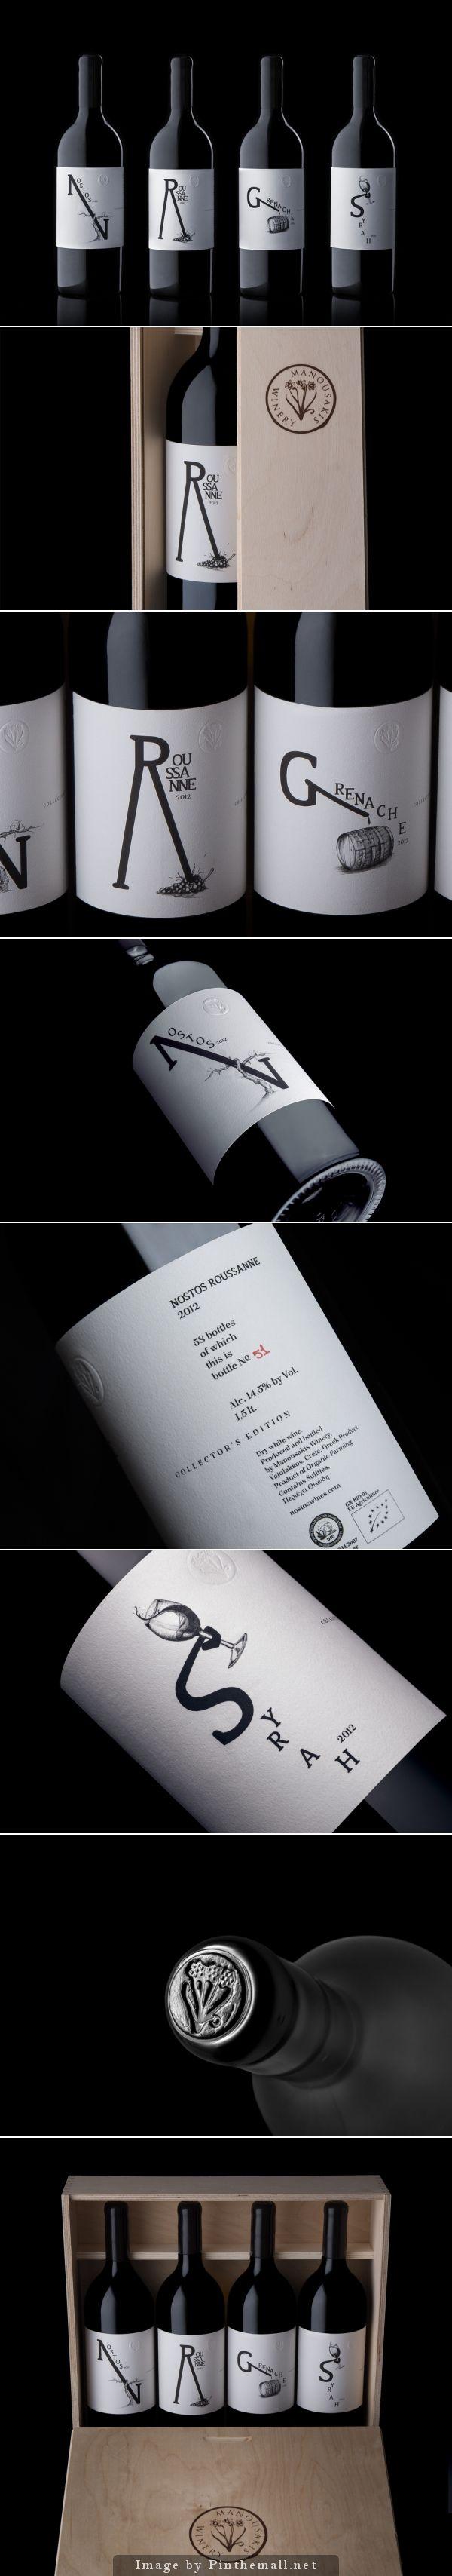 #taninotanino #vinosmaximum